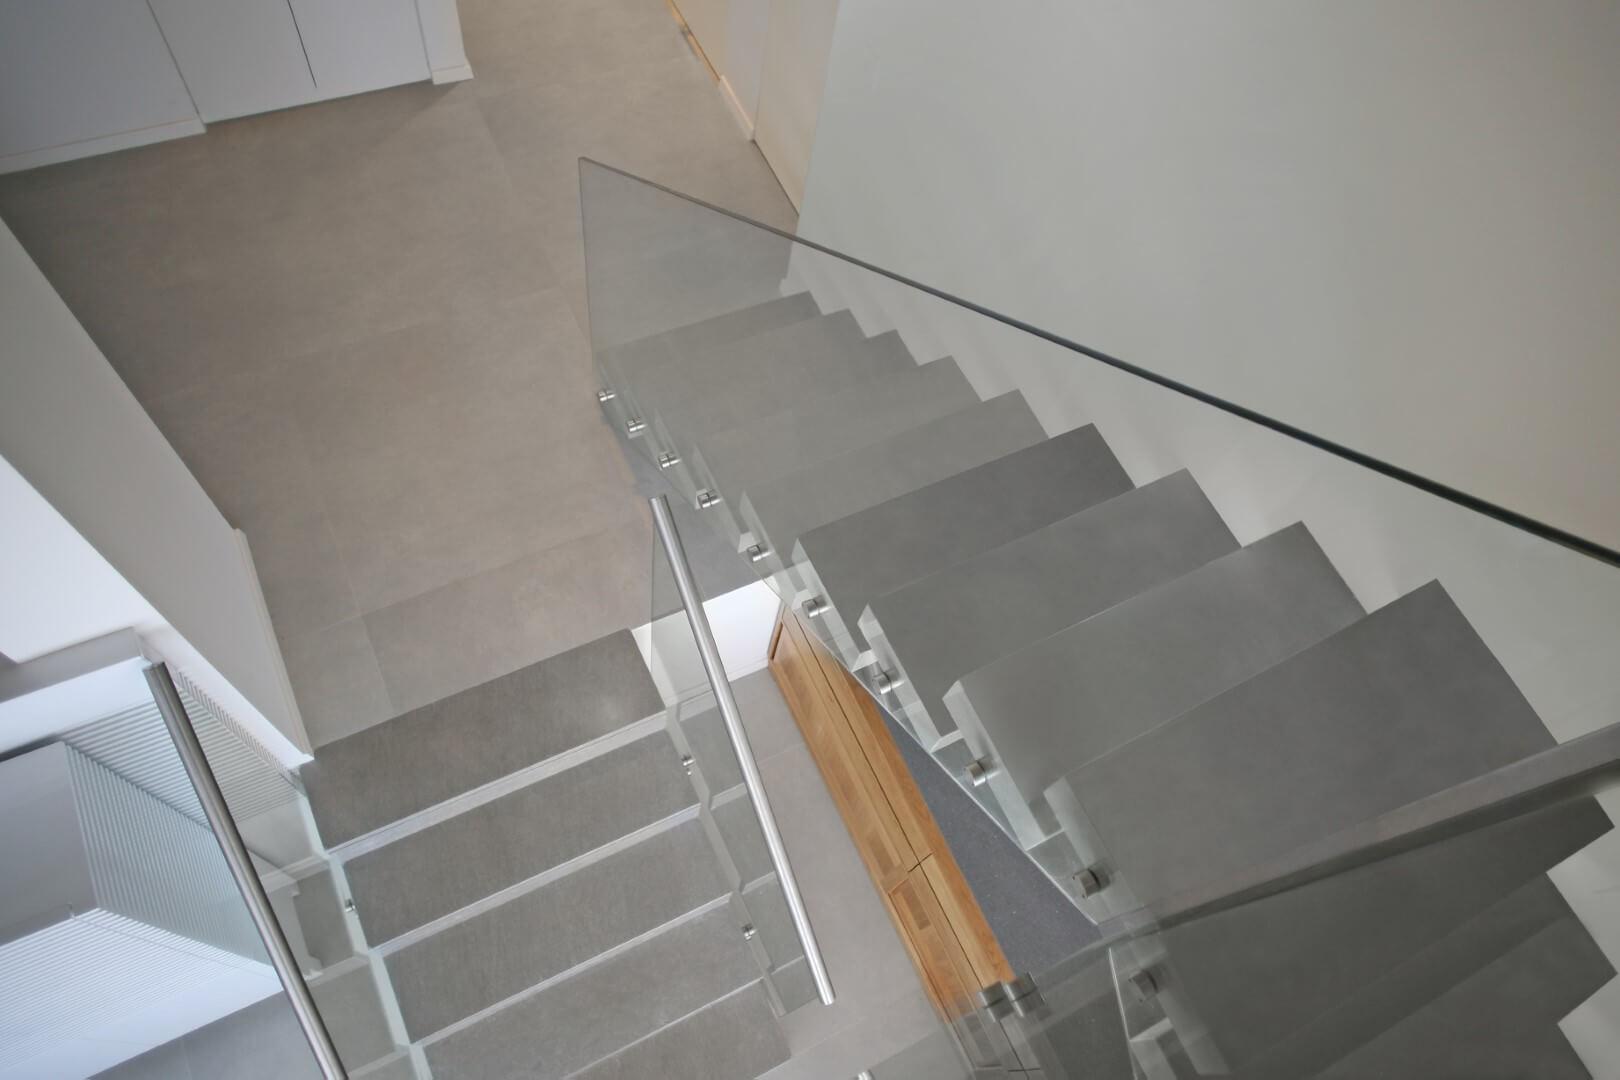 מבט על על שני גרמי מדרגות מרחפות משיש עם מעקה זכוכית שקוף